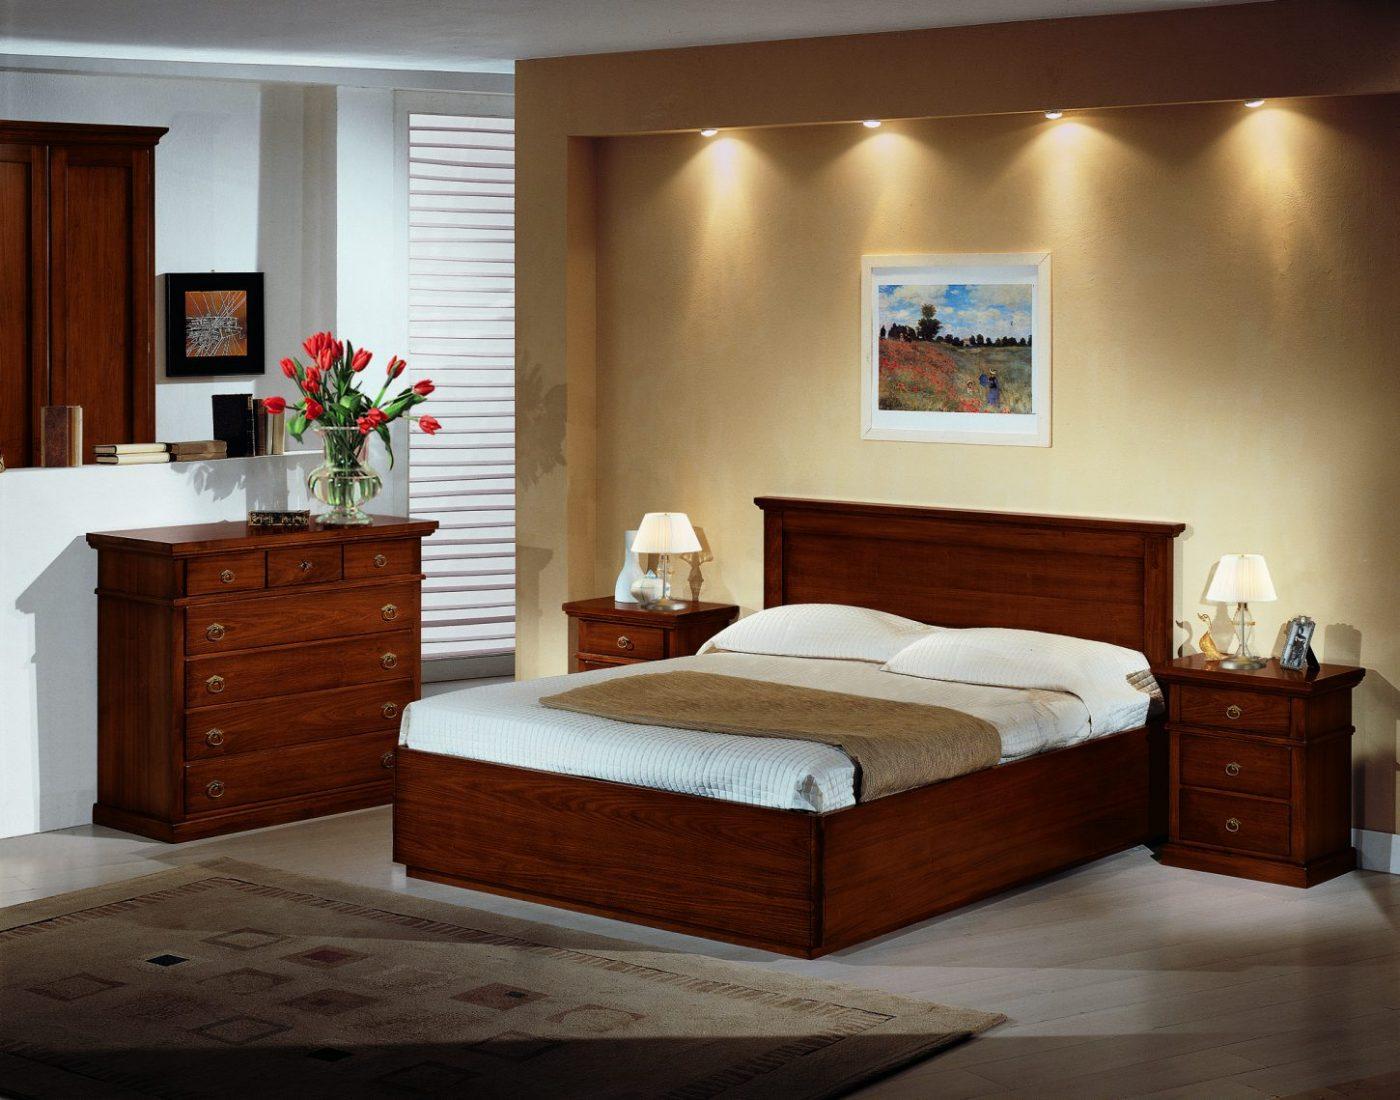 Camera da letto in stile modello Arte Povera